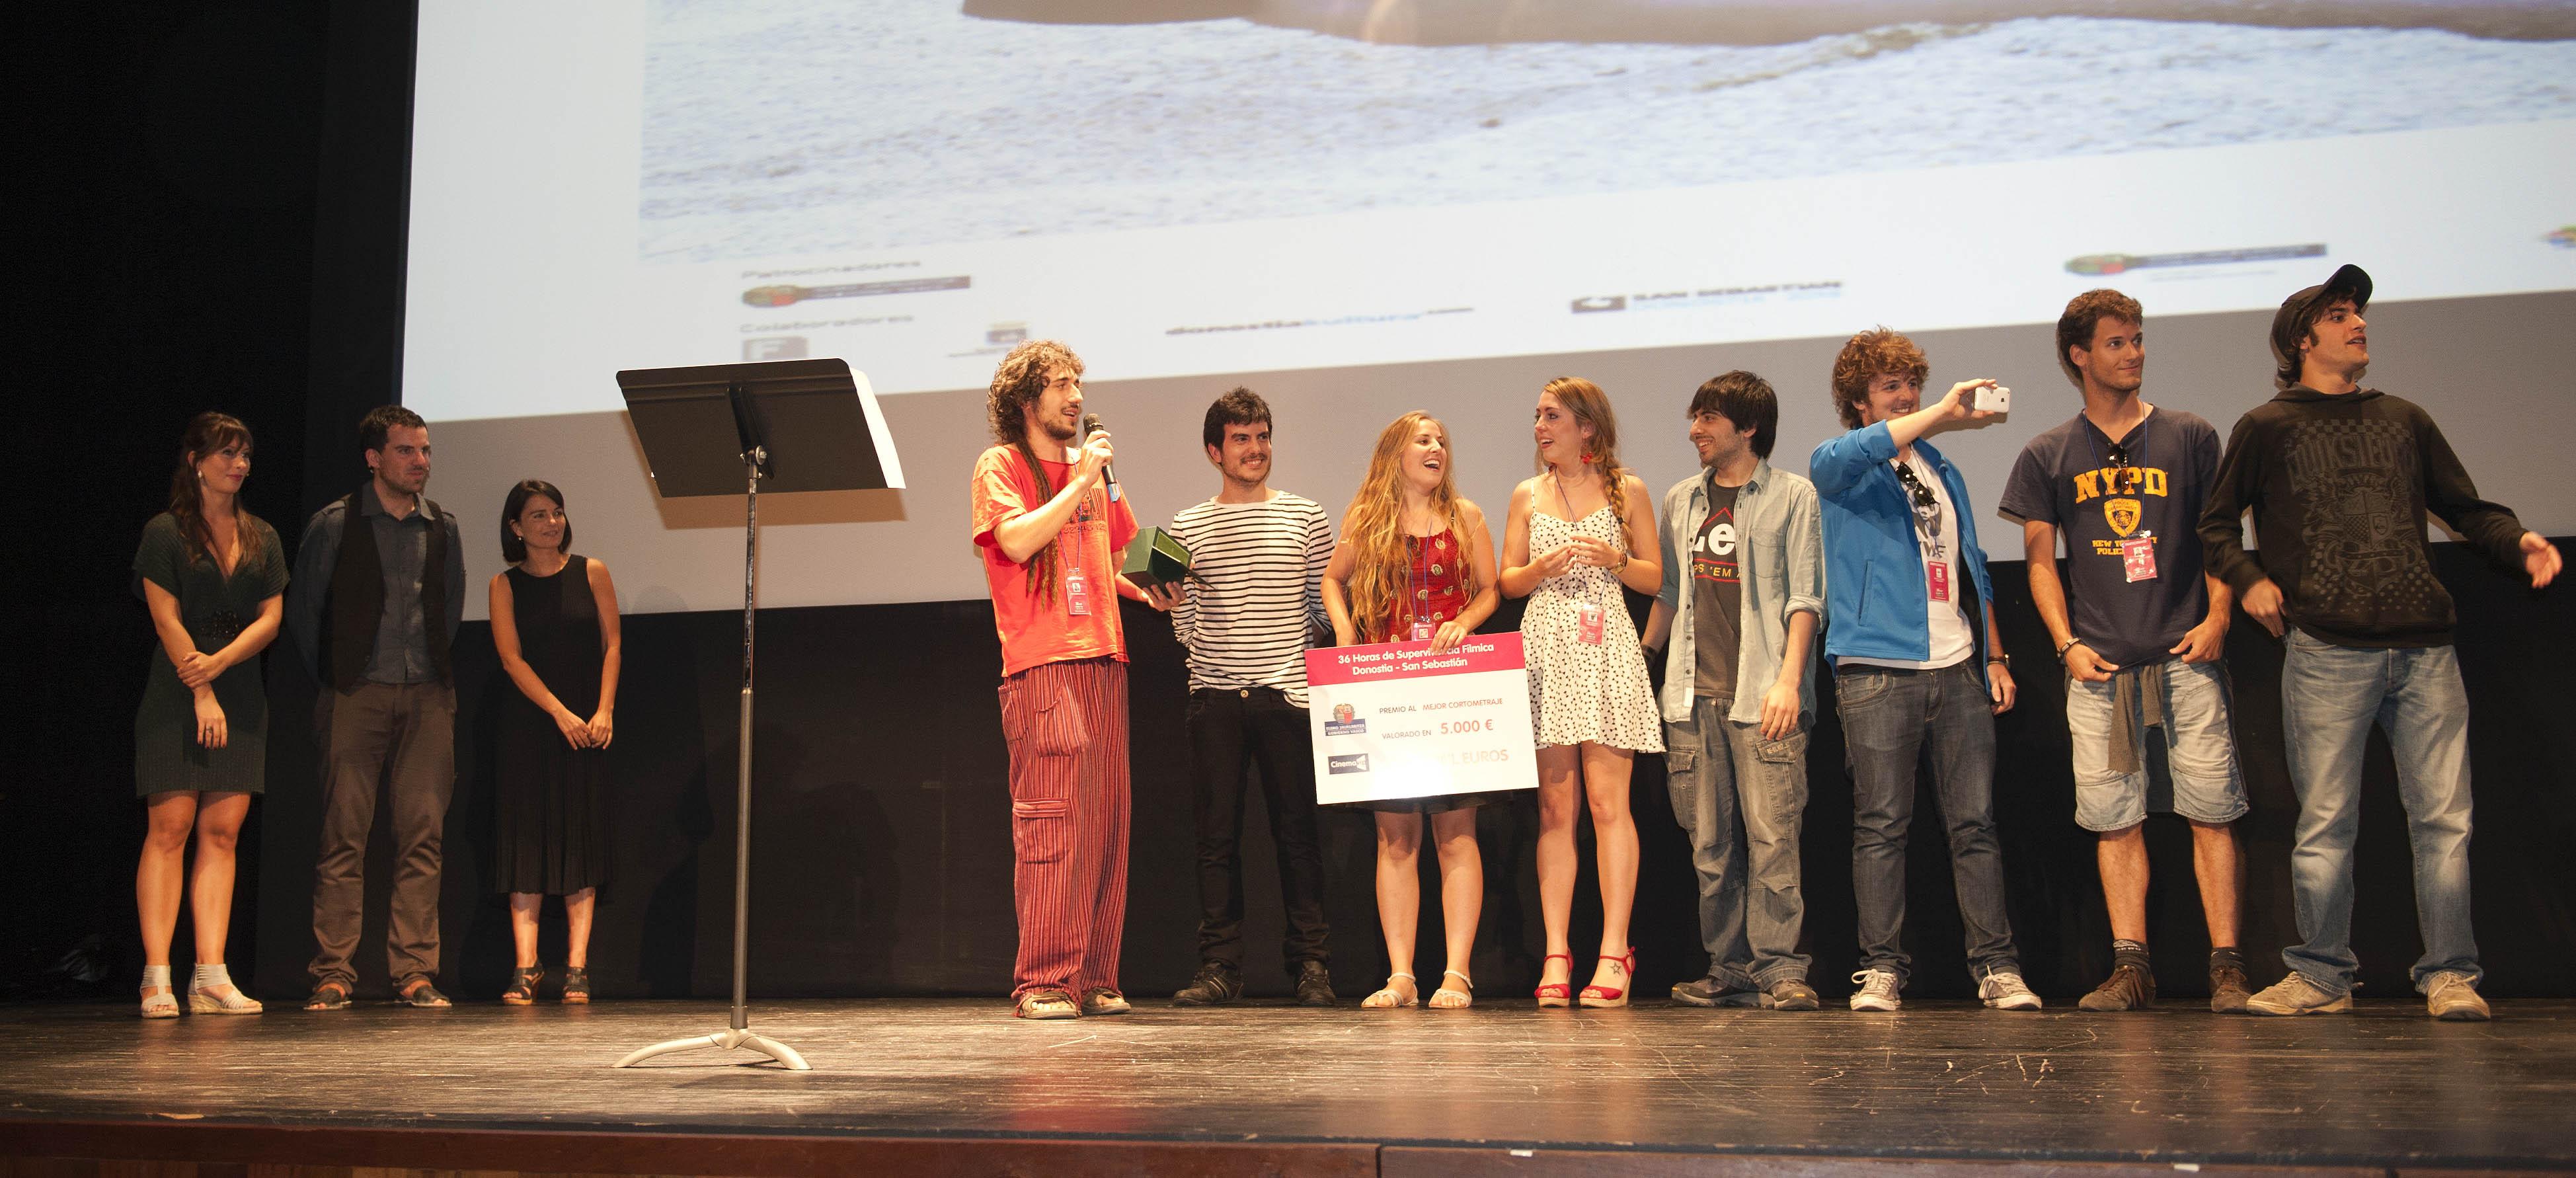 2011_06_25_cinema_ganadores2.jpg